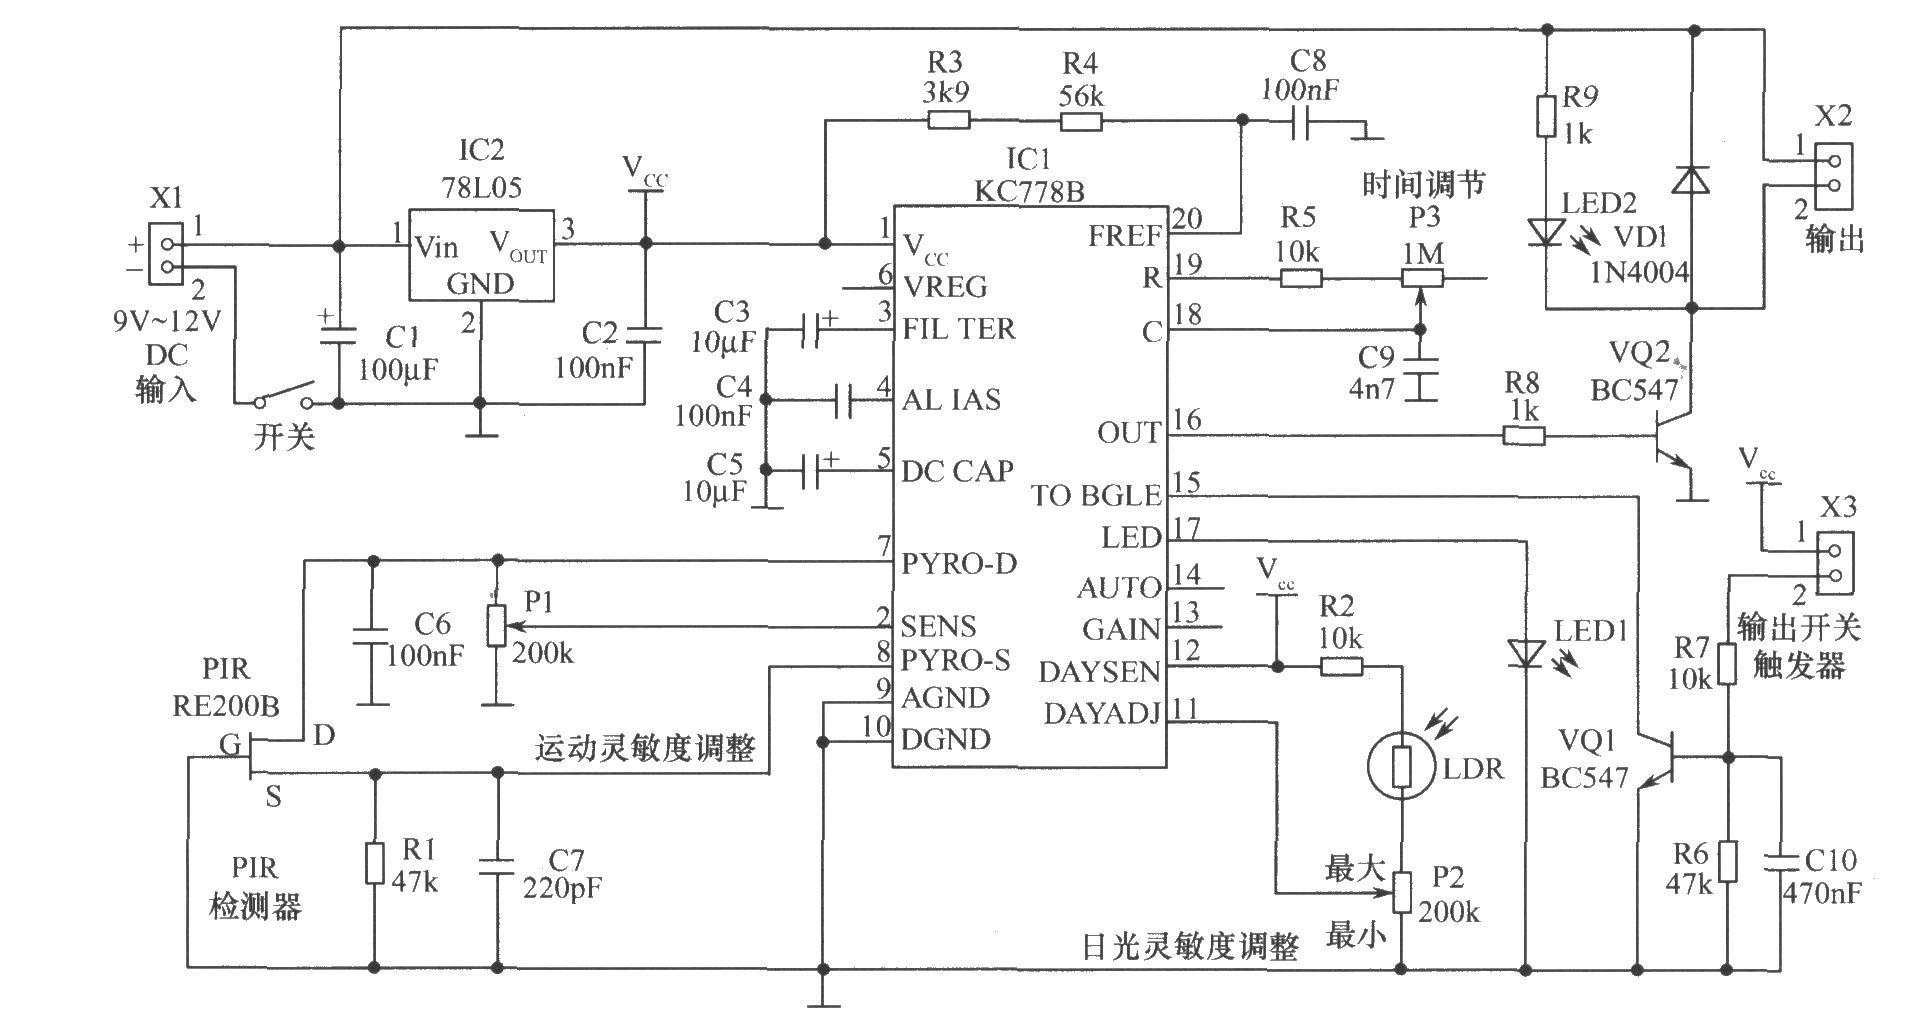 工作原理: 此物体移动探测器电路的心脏是动感检测芯片IC1(KC778B)。PIR传感器来的信号频率很低(0.1Hz~10Hz)而频带很宽,芯片要对其进行优化。KC778B本身的工作电压为4V~15V,78L05所需的输入电压为9V~12V。电路中有3个灵敏度控制器,可参见图示简单说明。检测灵敏度由接在芯片第2脚上的半可变电阻P1控制,当此脚的电位等于接在传感器上的第7脚的电位时(约0.